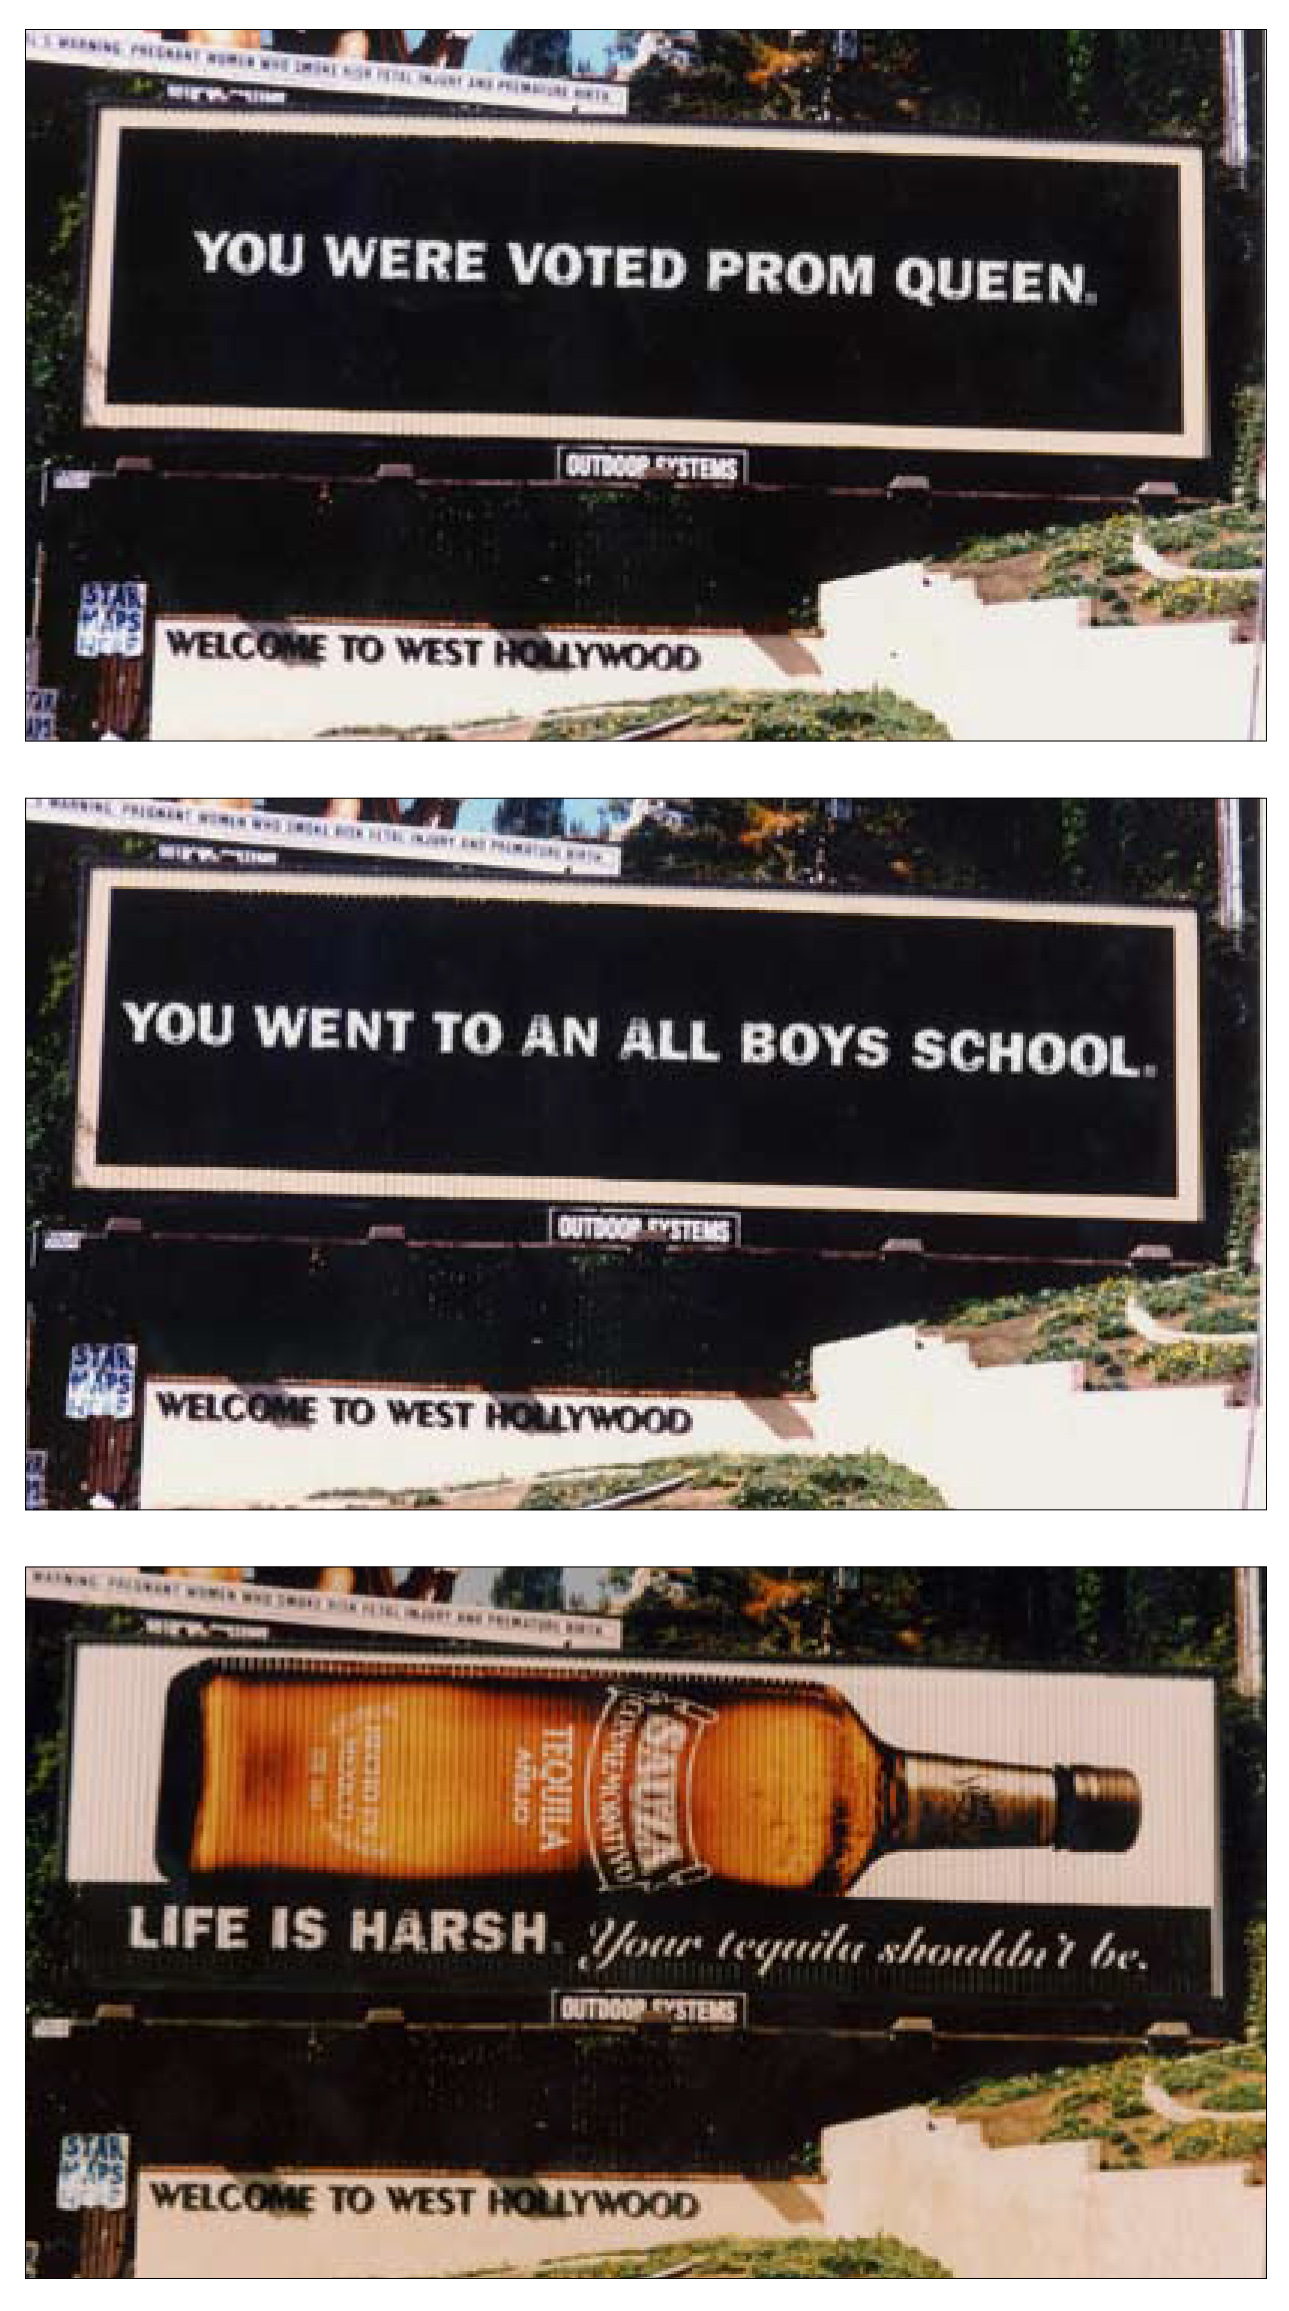 Sauza_Boys_School.jpg